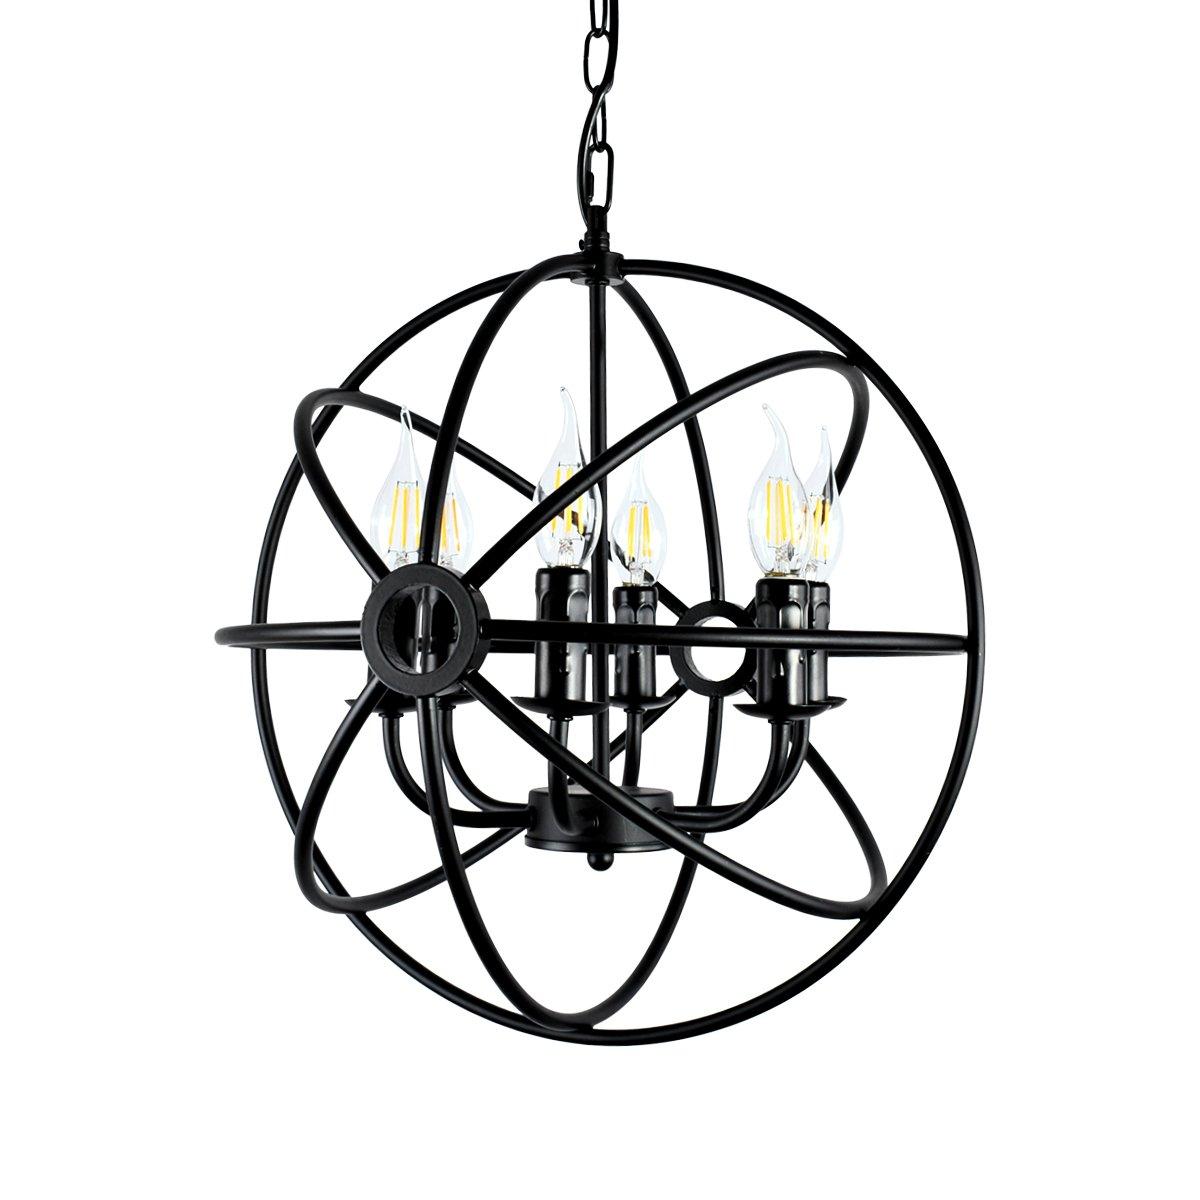 Lingkai Hängeleuchte Käfig Industrielampe E12 E14 Pendelleuchte 6 Lampenfassungen Esszimmer Esszimmer Esszimmer Lampe Wohnzimmer Kronleuchter aff9b2